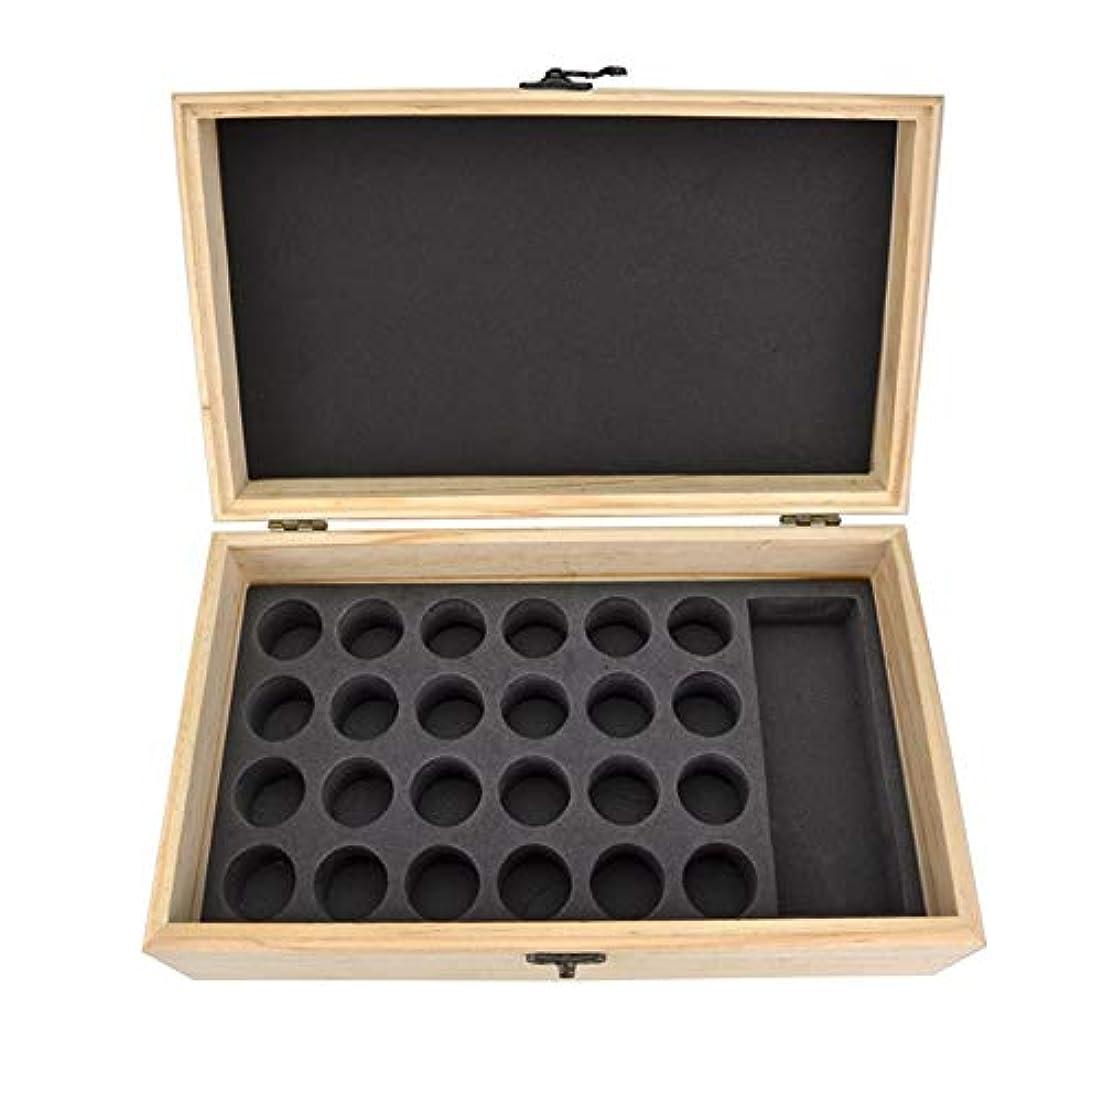 在庫不定マインドフルエッセンシャルオイル収納ボックス 25スロット木製エッセンシャルオイル木製ボックスオイルの収納ケースは、25本のボトルナチュラルパインを開催します (色 : Natural, サイズ : 28.8X16.7X10CM)